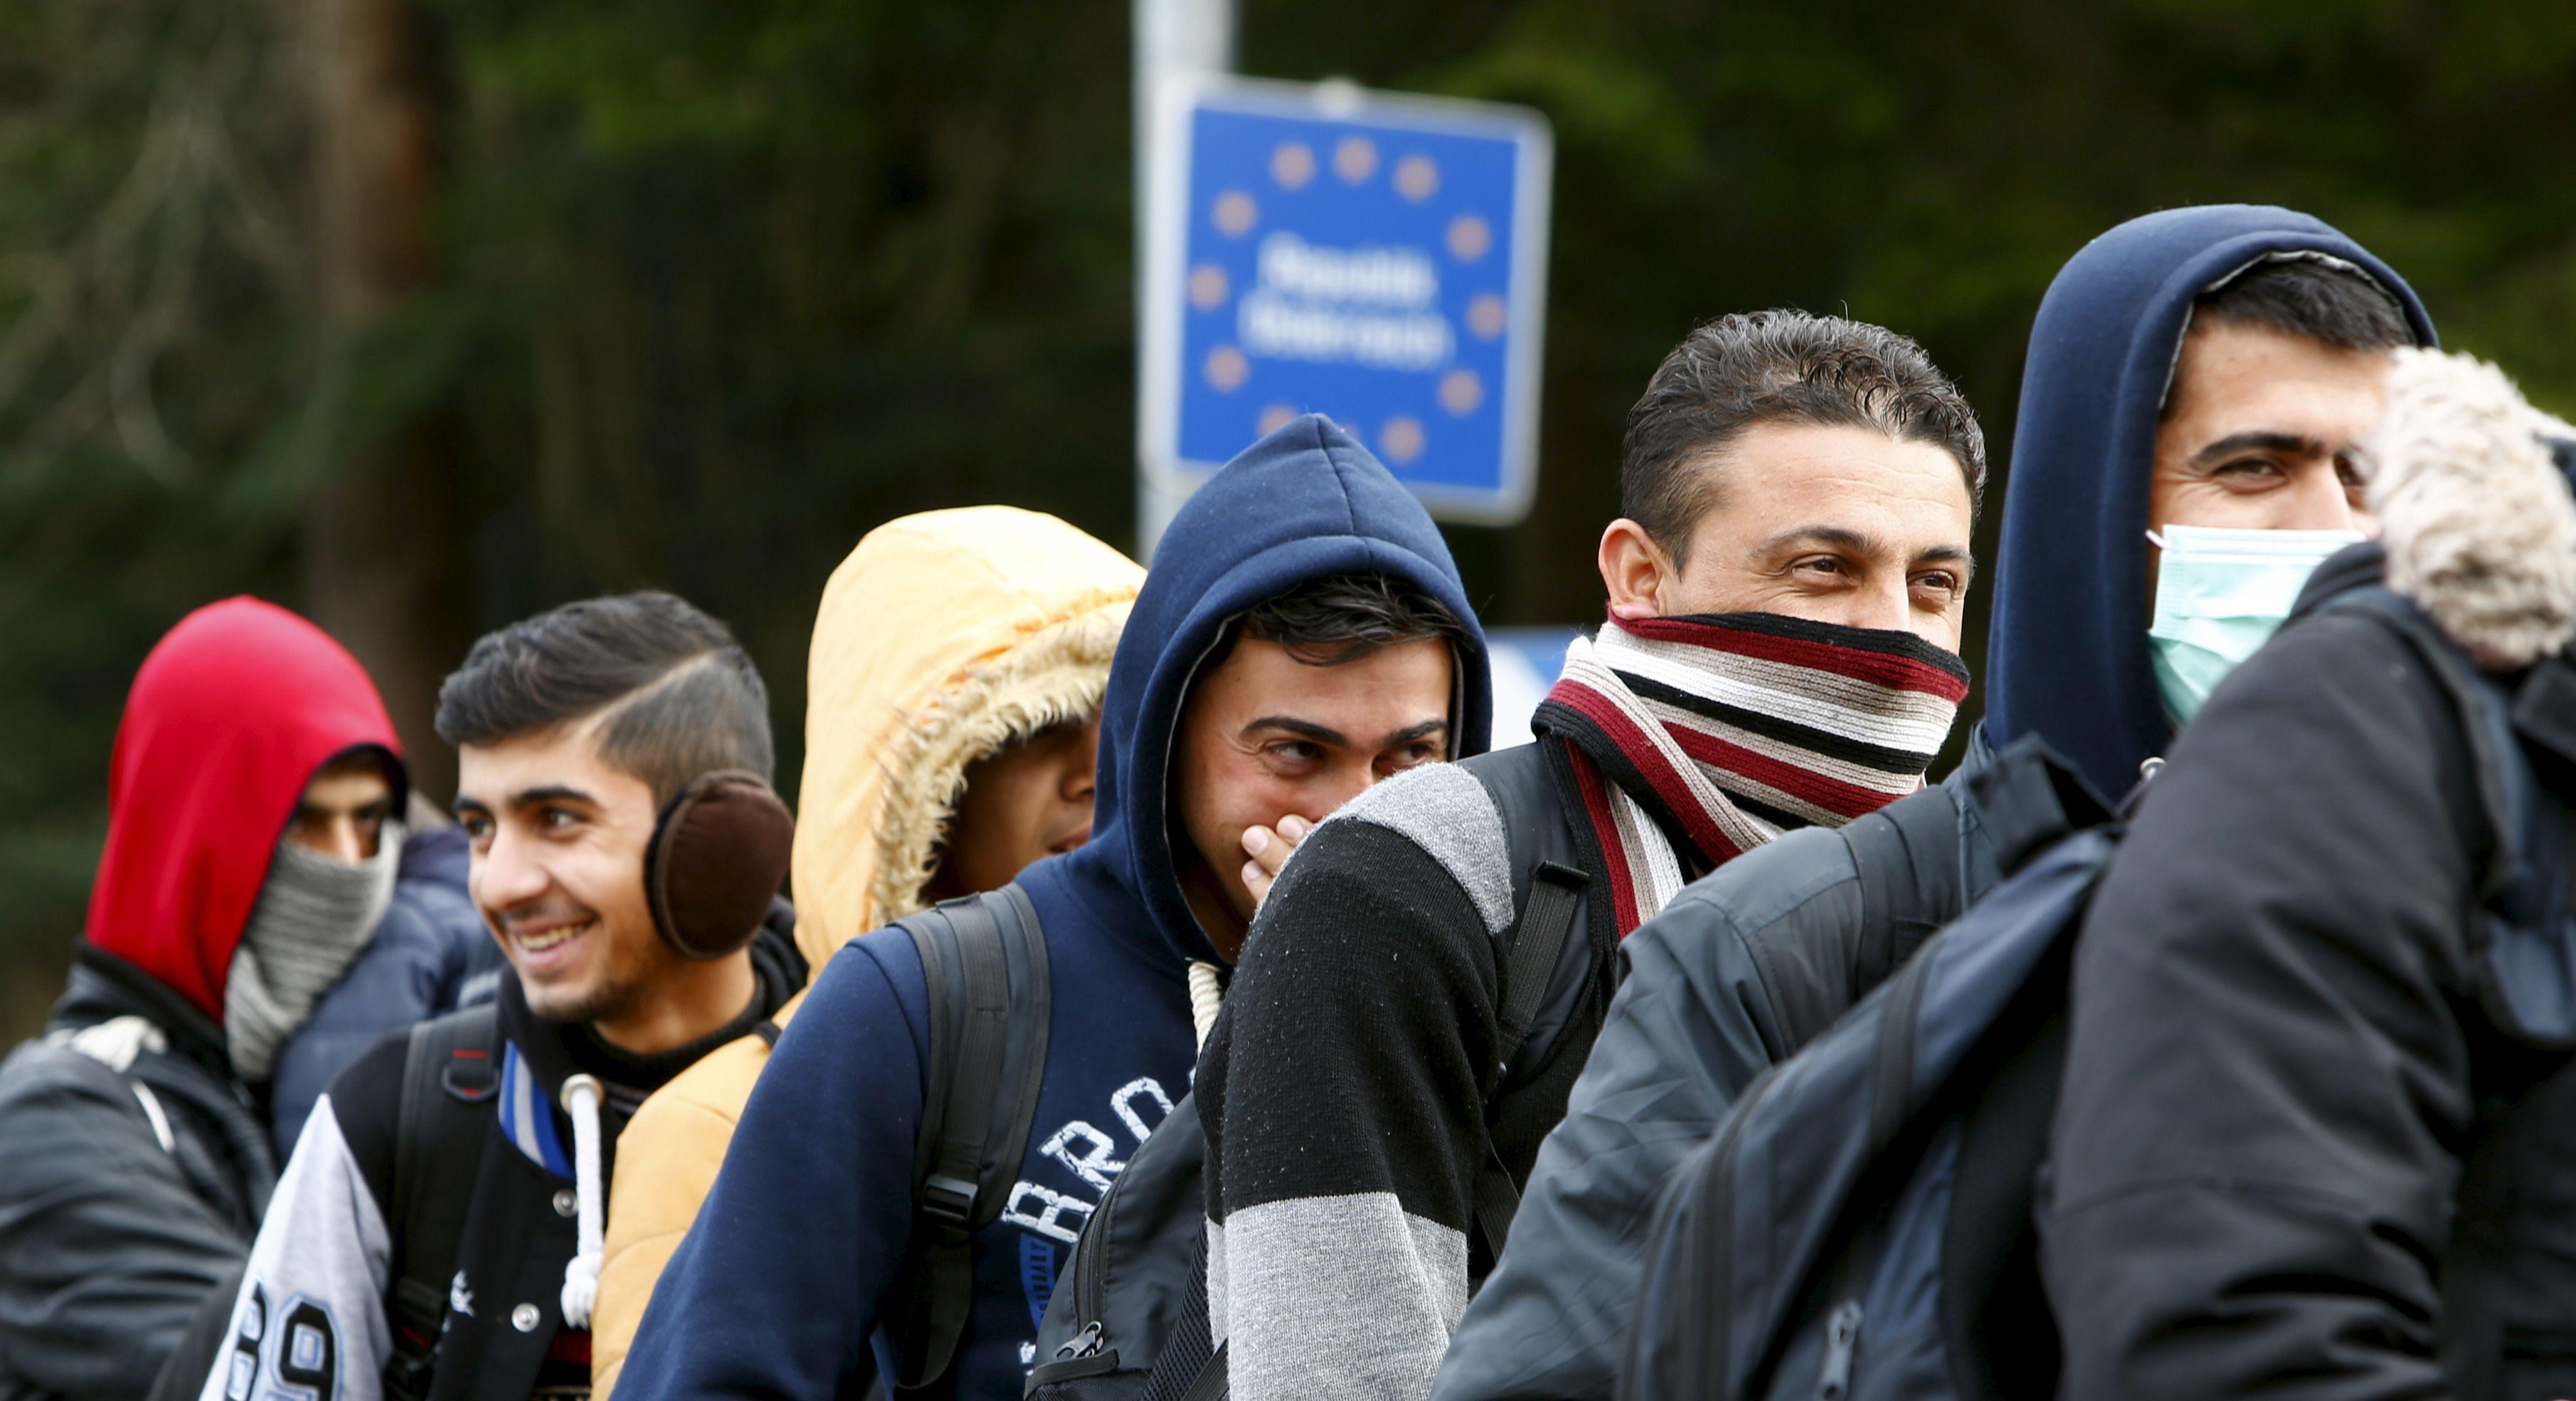 Crise des migrants : l'Union européenne va octroyer des cartes de paiement aux réfugiés syriens